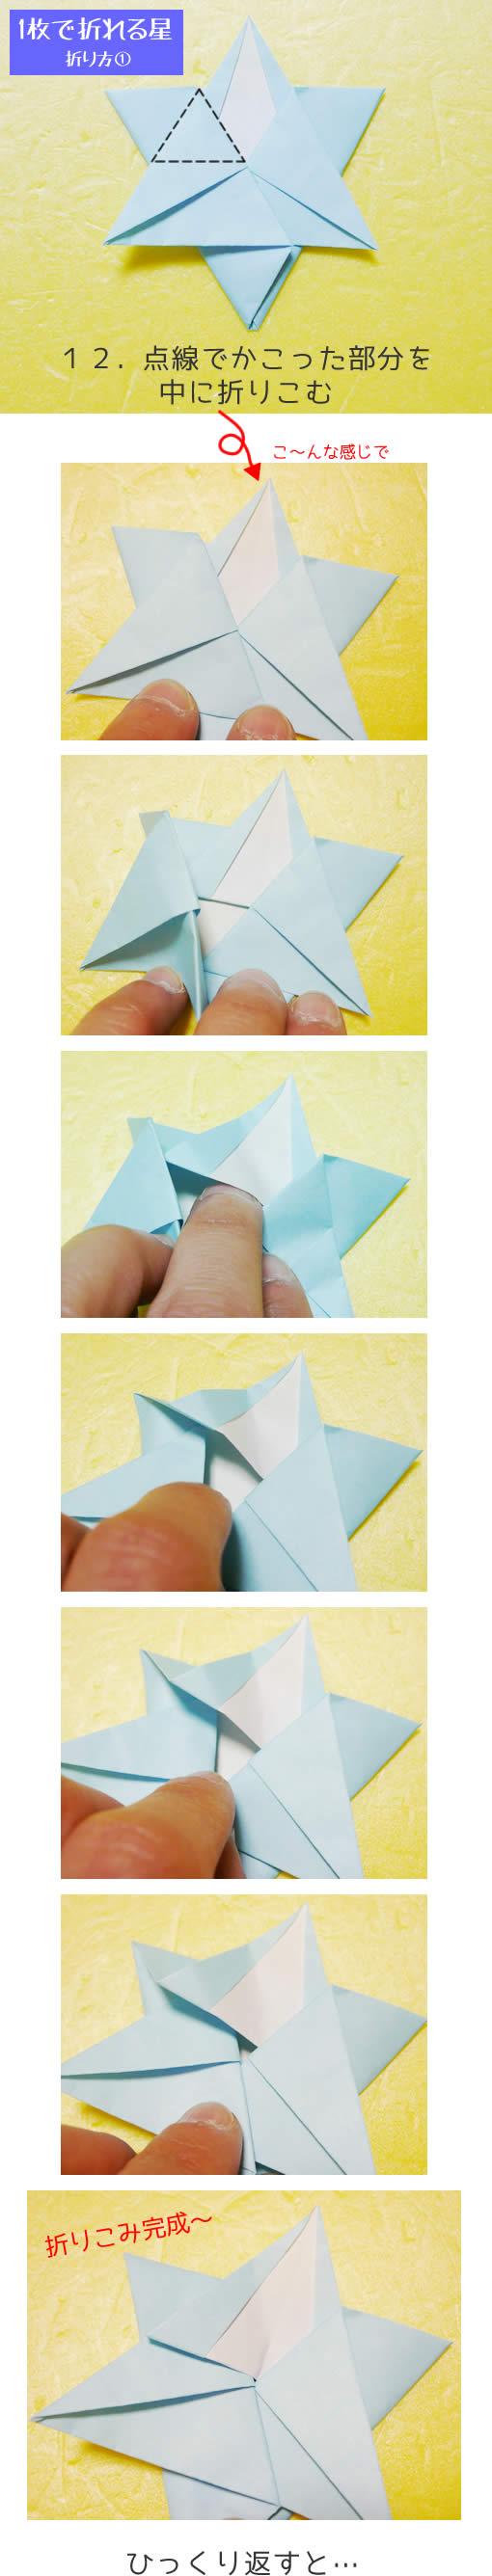 星の折り方① 手順12